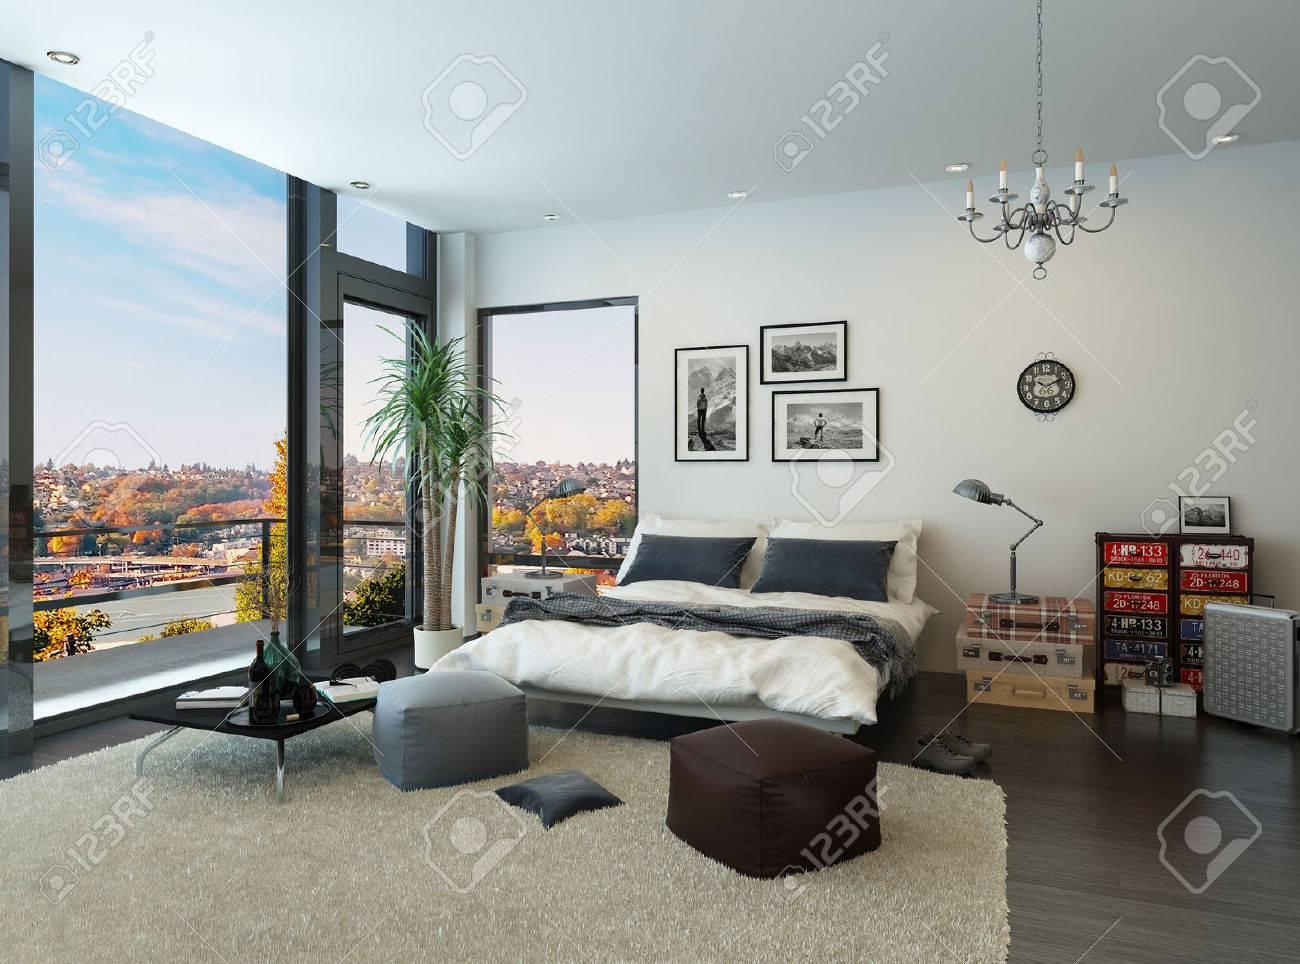 Moderne Schlafzimmer Interieur Mit Vintage-Möbel Lizenzfreie Fotos ...